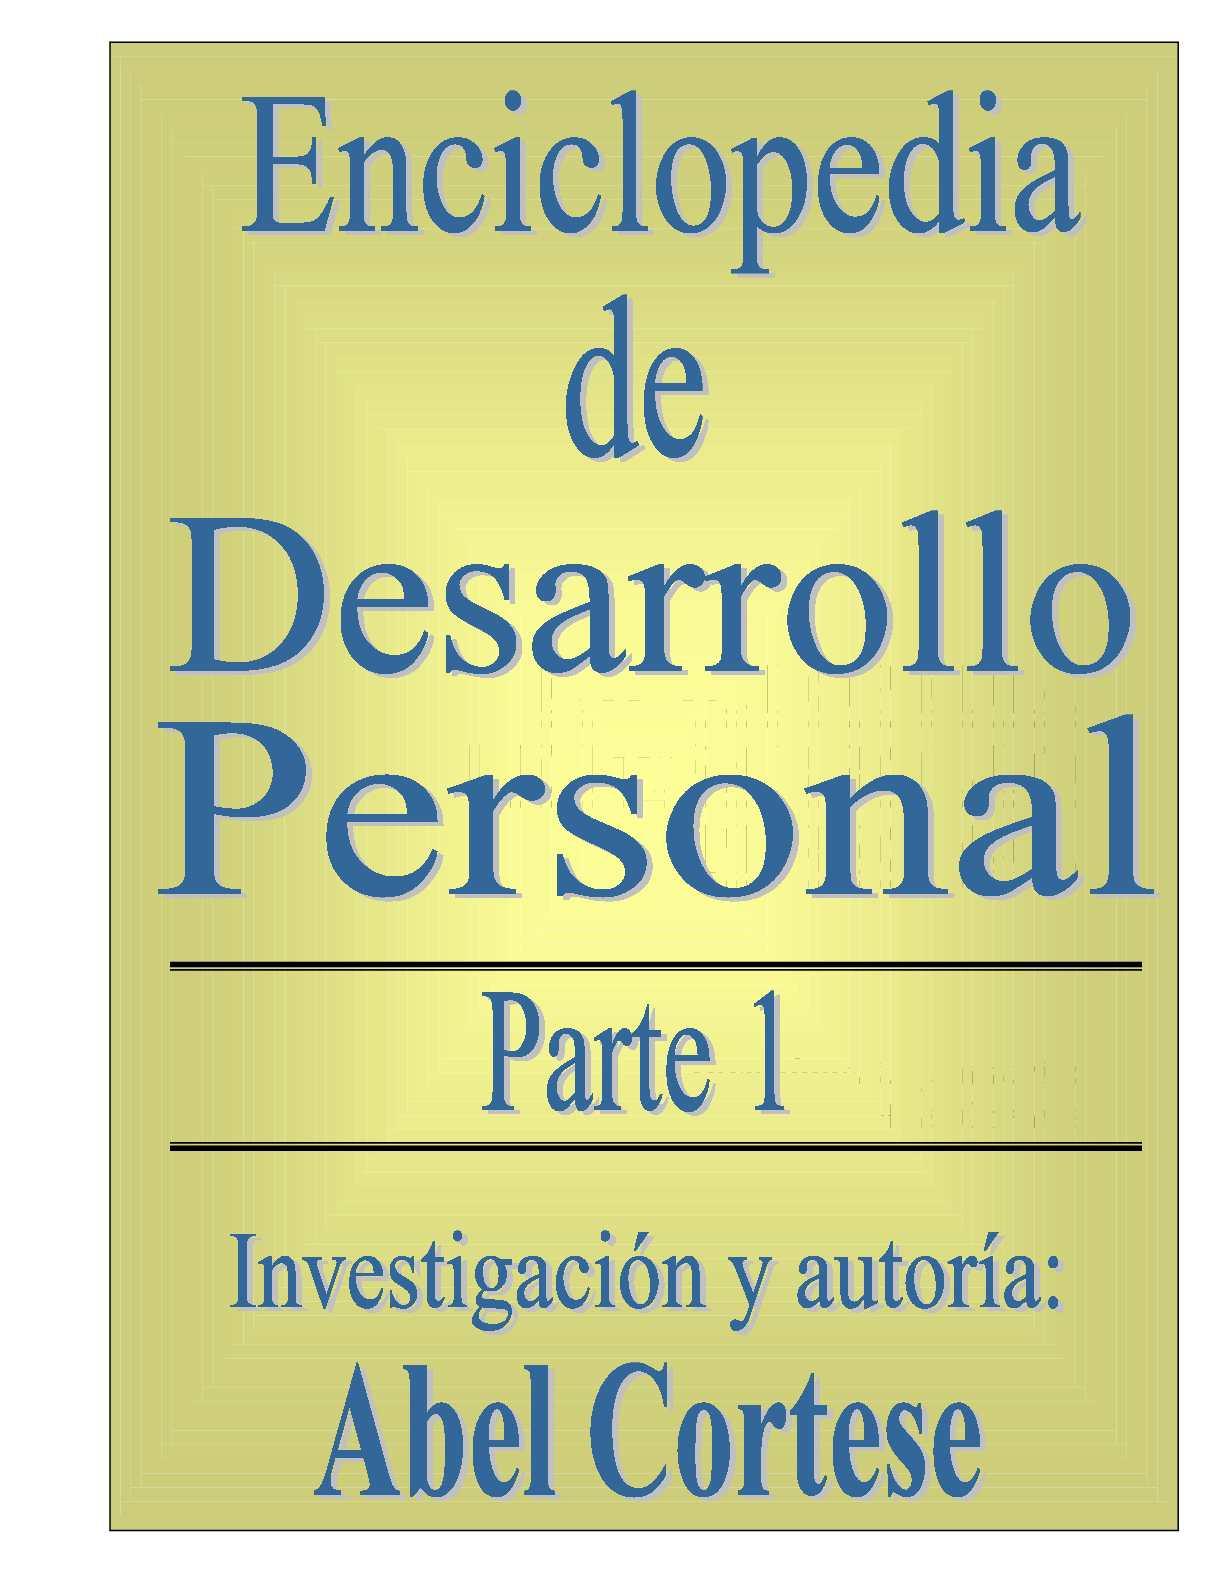 Calaméo - Abel Cortese - Enciclopedia de desarrollo personal Parte 1